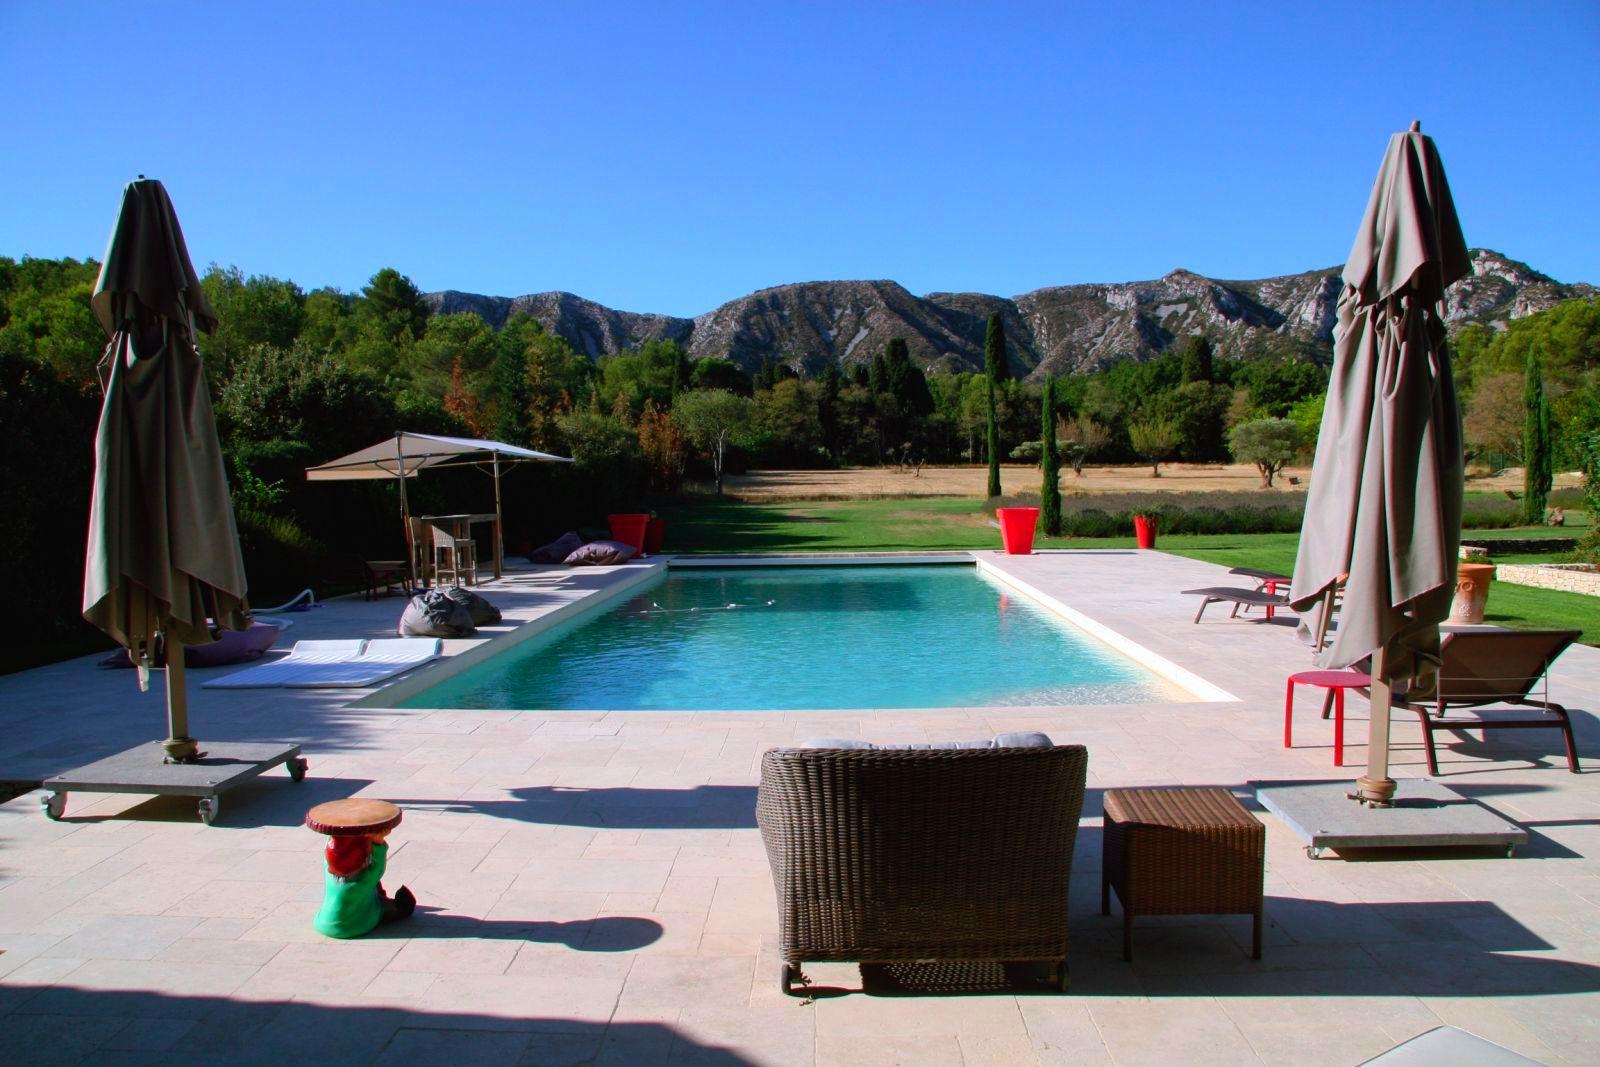 Location Villa Luxe Saint Remy De Provence Avec Piscine Privee Chauffee Et  Piscine Interieure à Location Avec Piscine Intérieure Chauffée Privée